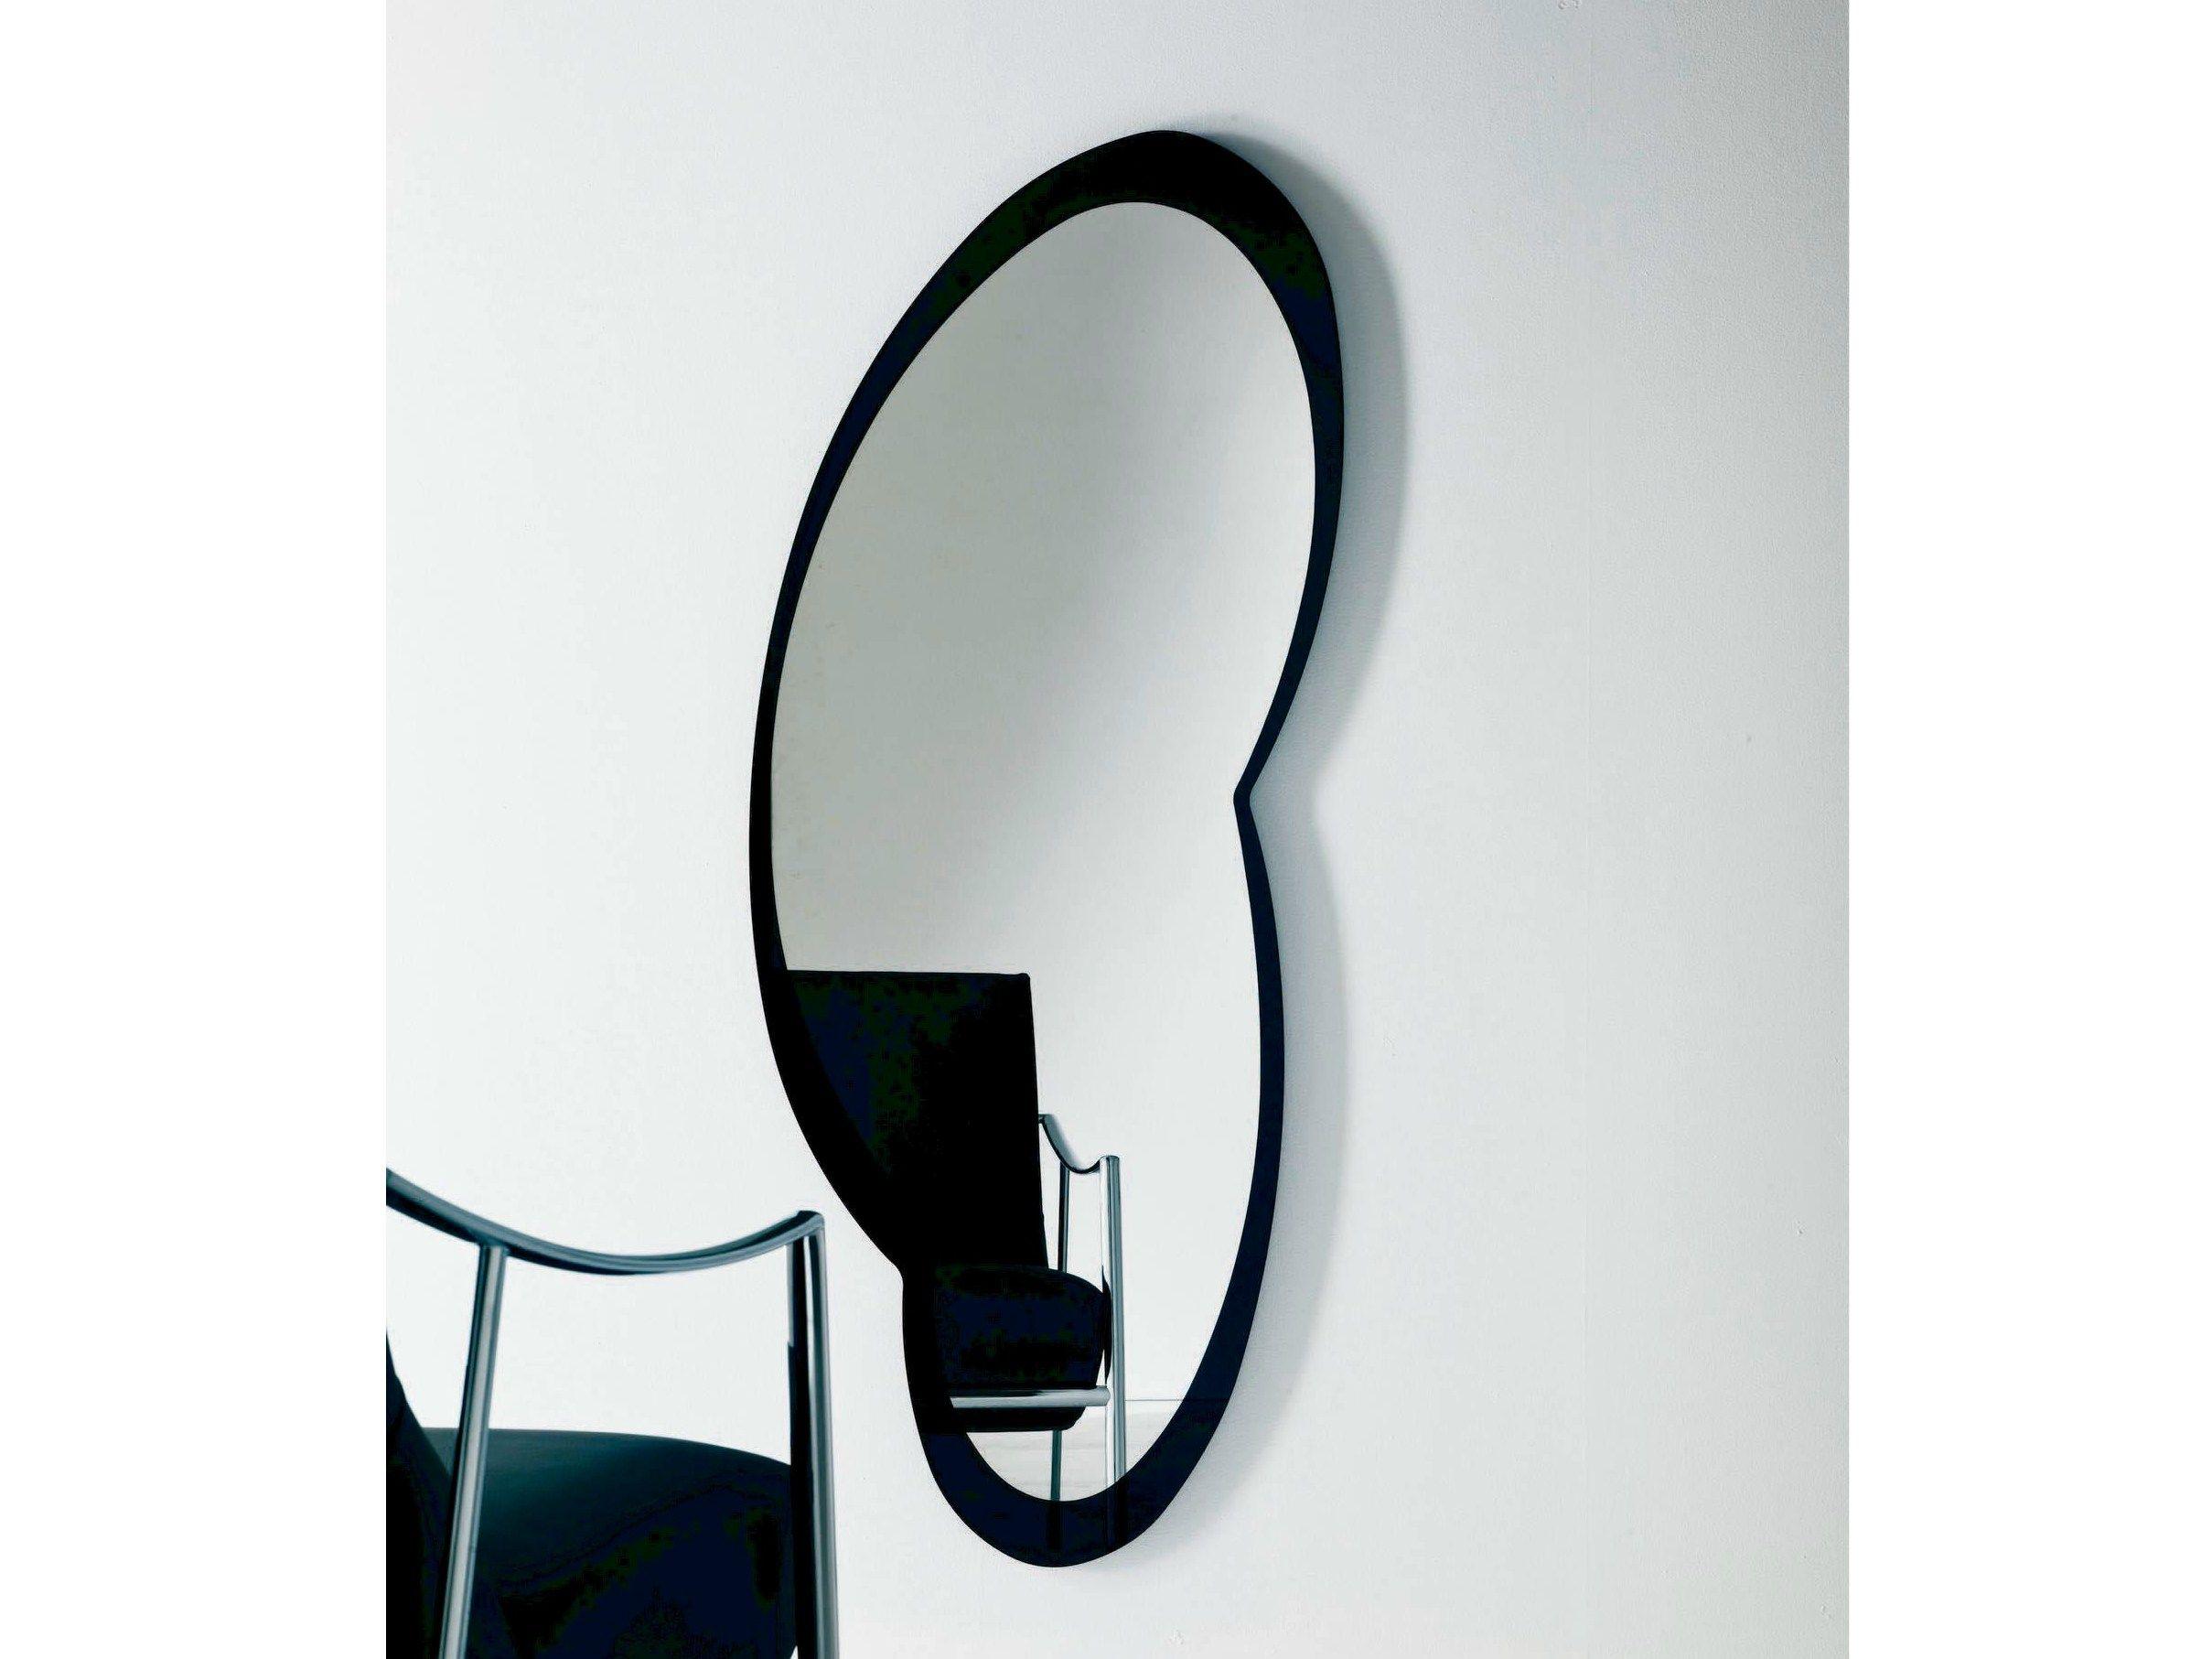 Miroir mural tizio by bontempi casa design giorgio manzali for Miroir mural